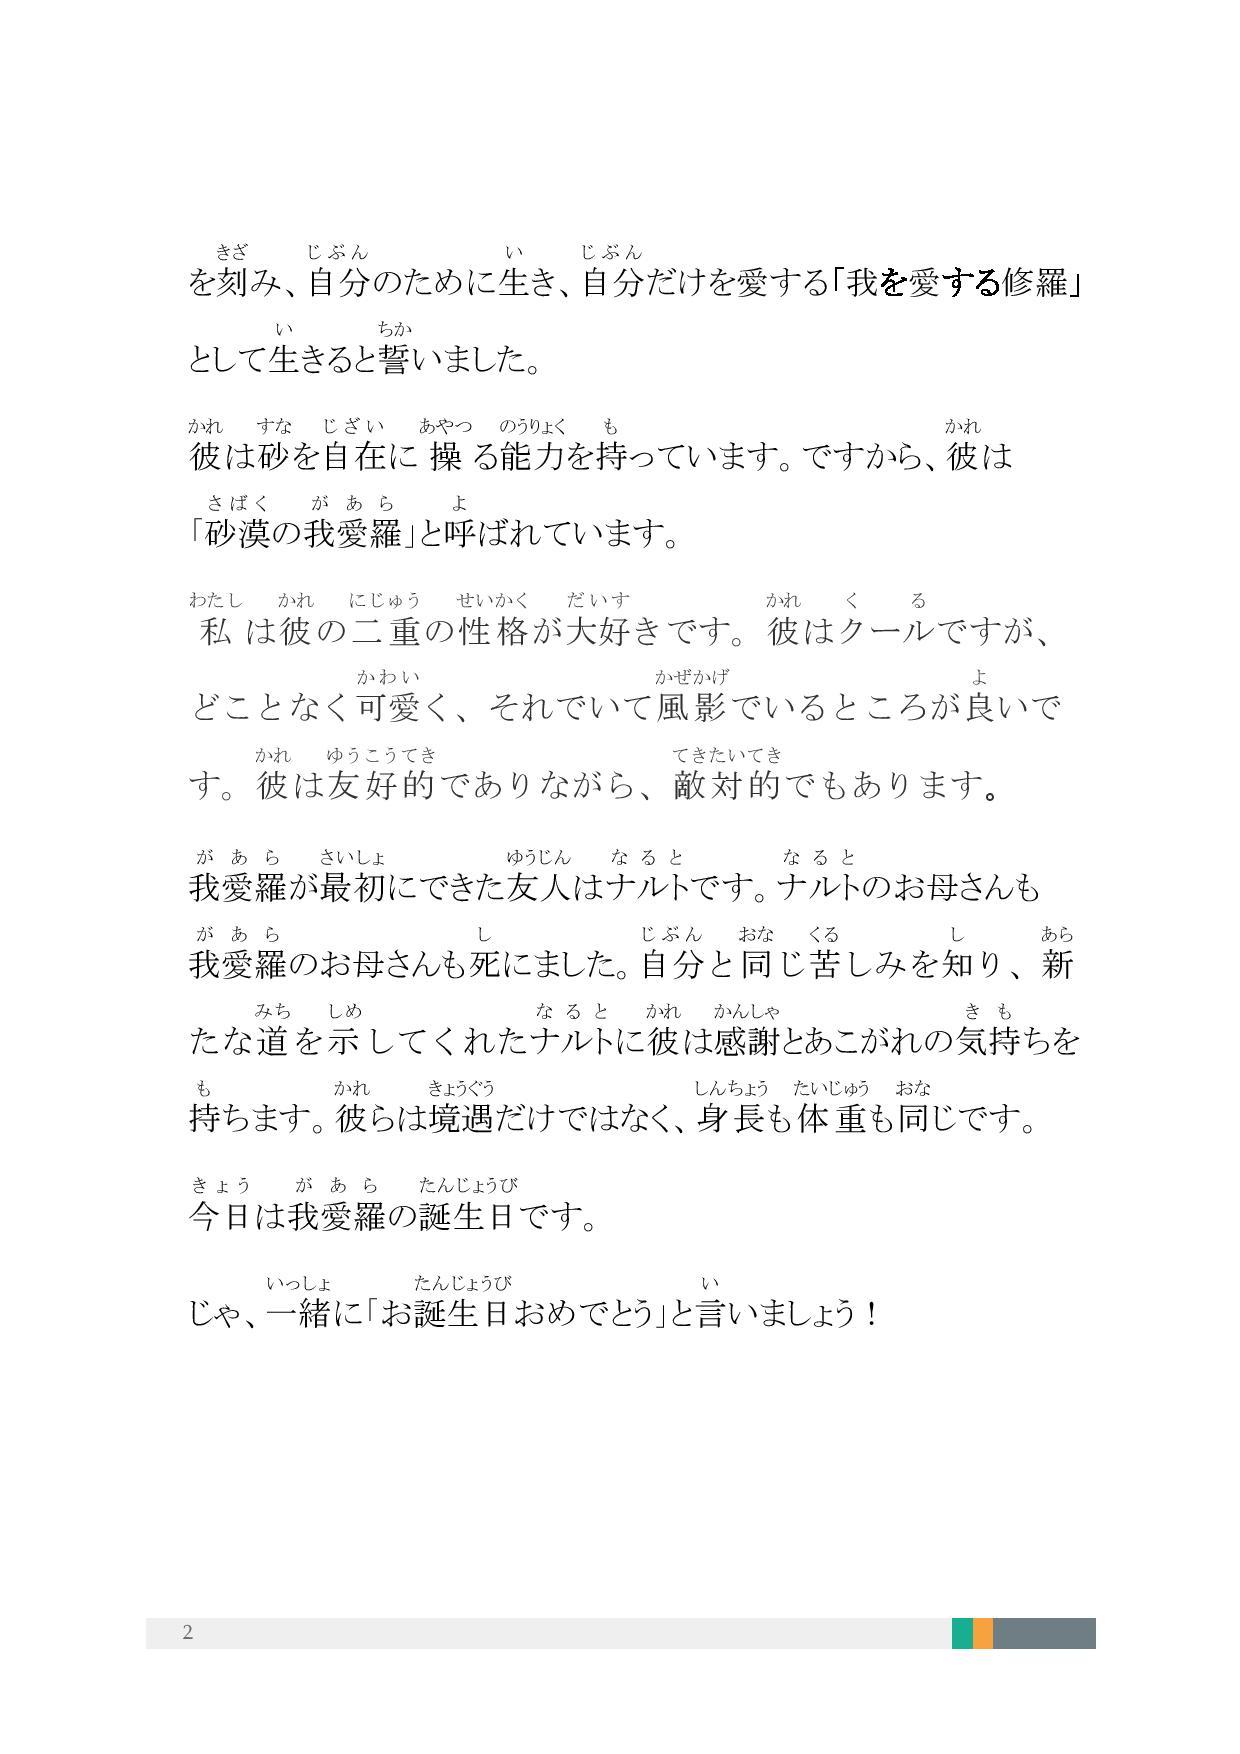 我愛羅-page-002